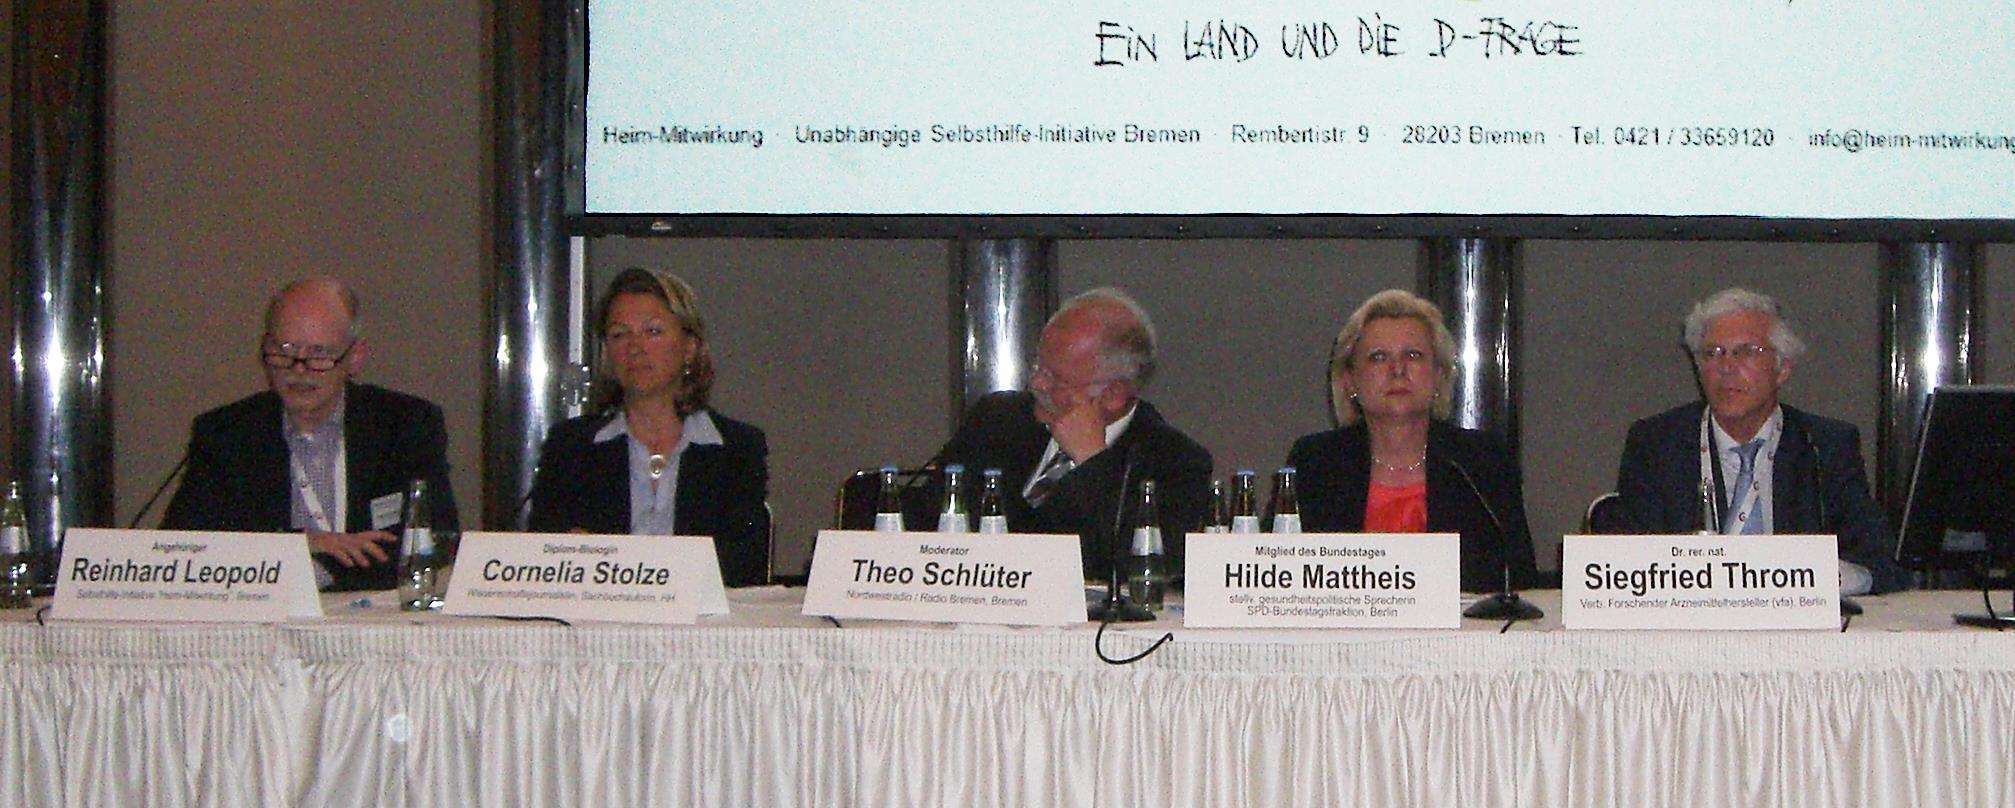 Gäste bei der Podiumsdiskussion (v.l.) Reinhard Leopold, Cornelia Stolze, Theo Schlüter (Moderator), Hilde Mattheis, Siegfried Throm